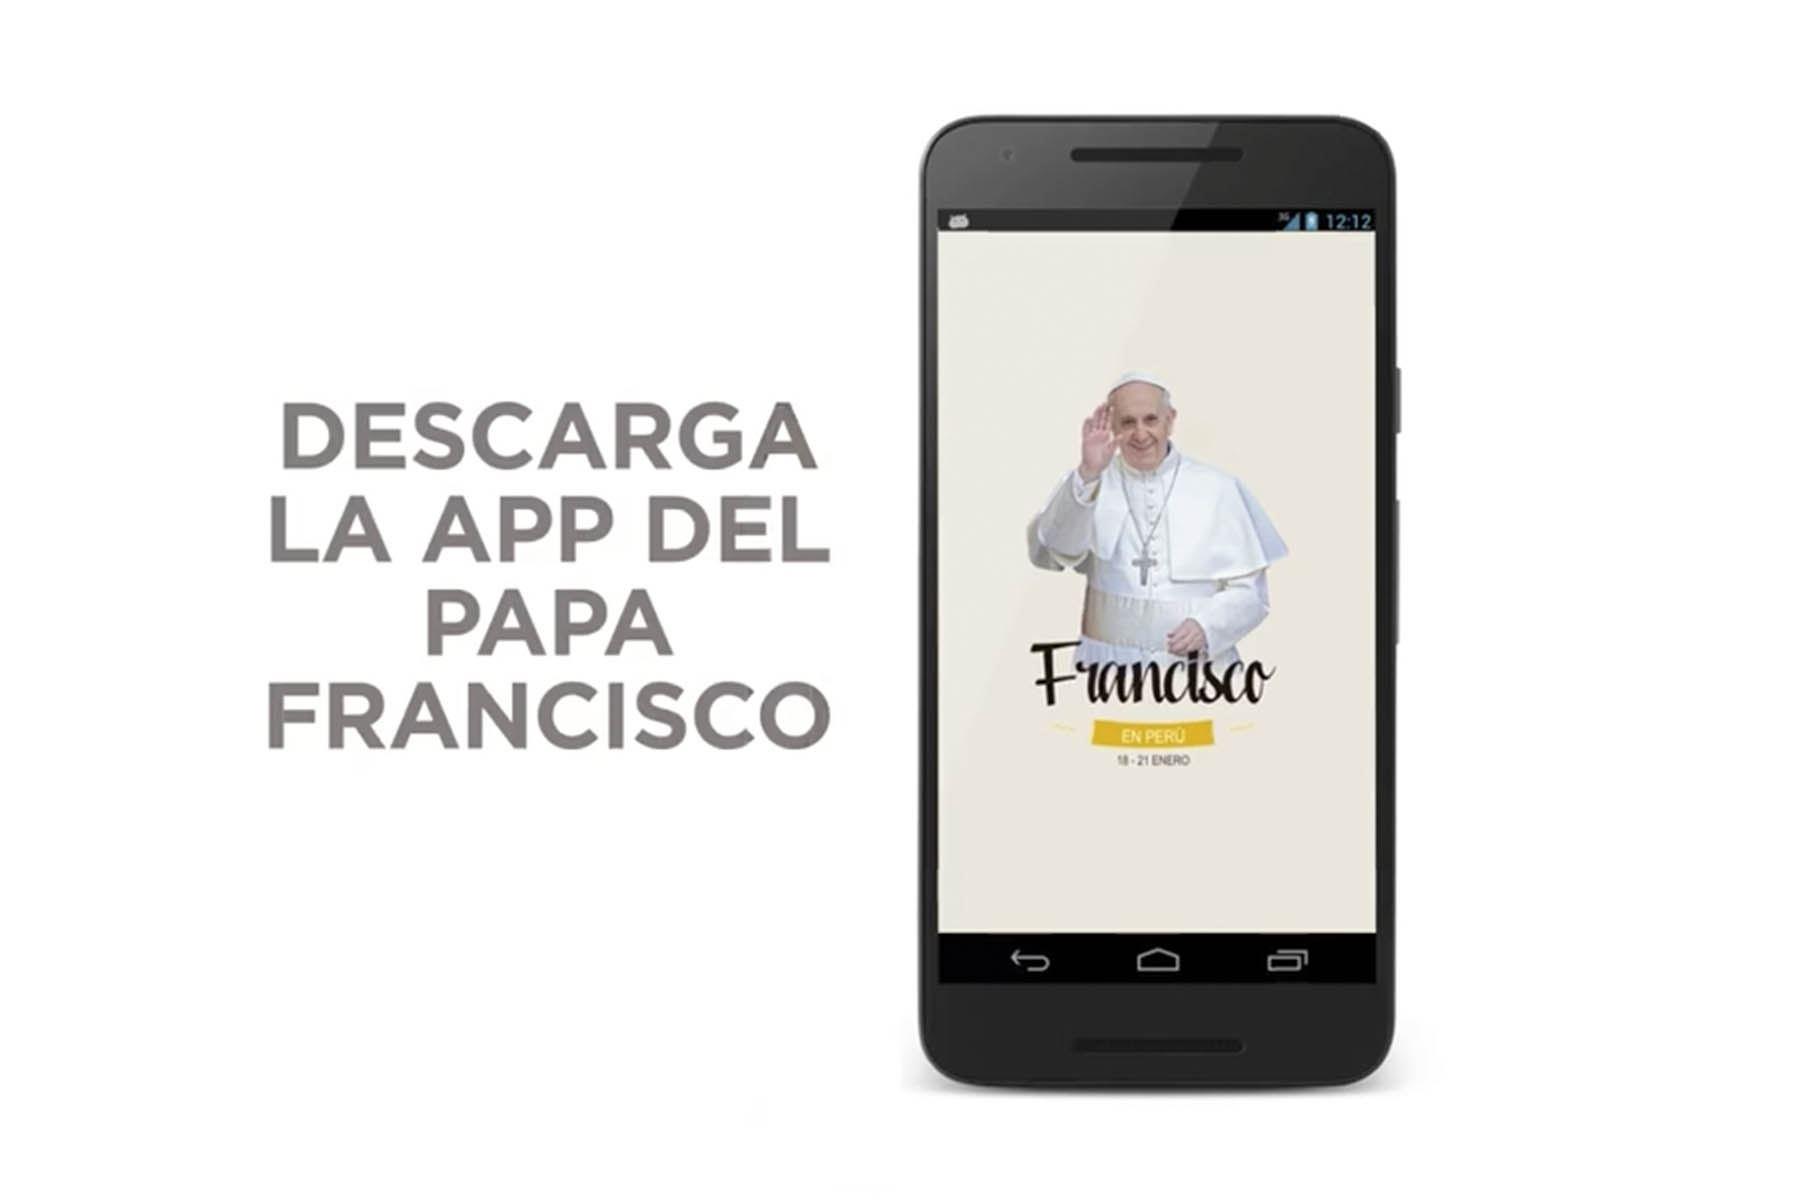 Las aplicaciones para los dispositivos móviles se encuentran disponibles en Google Play y App Store.